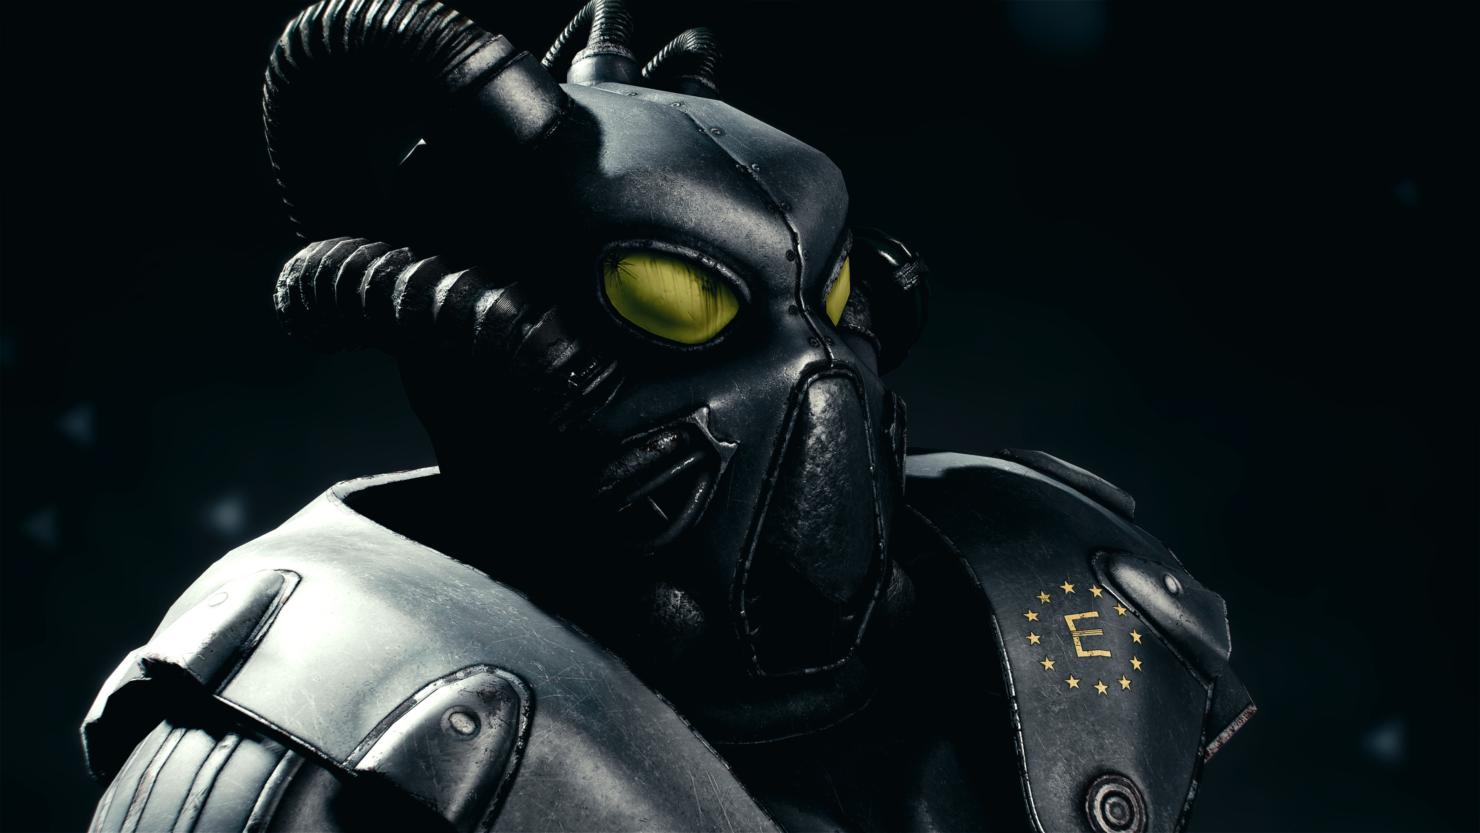 fallout-4-enclave-armor-mod-9